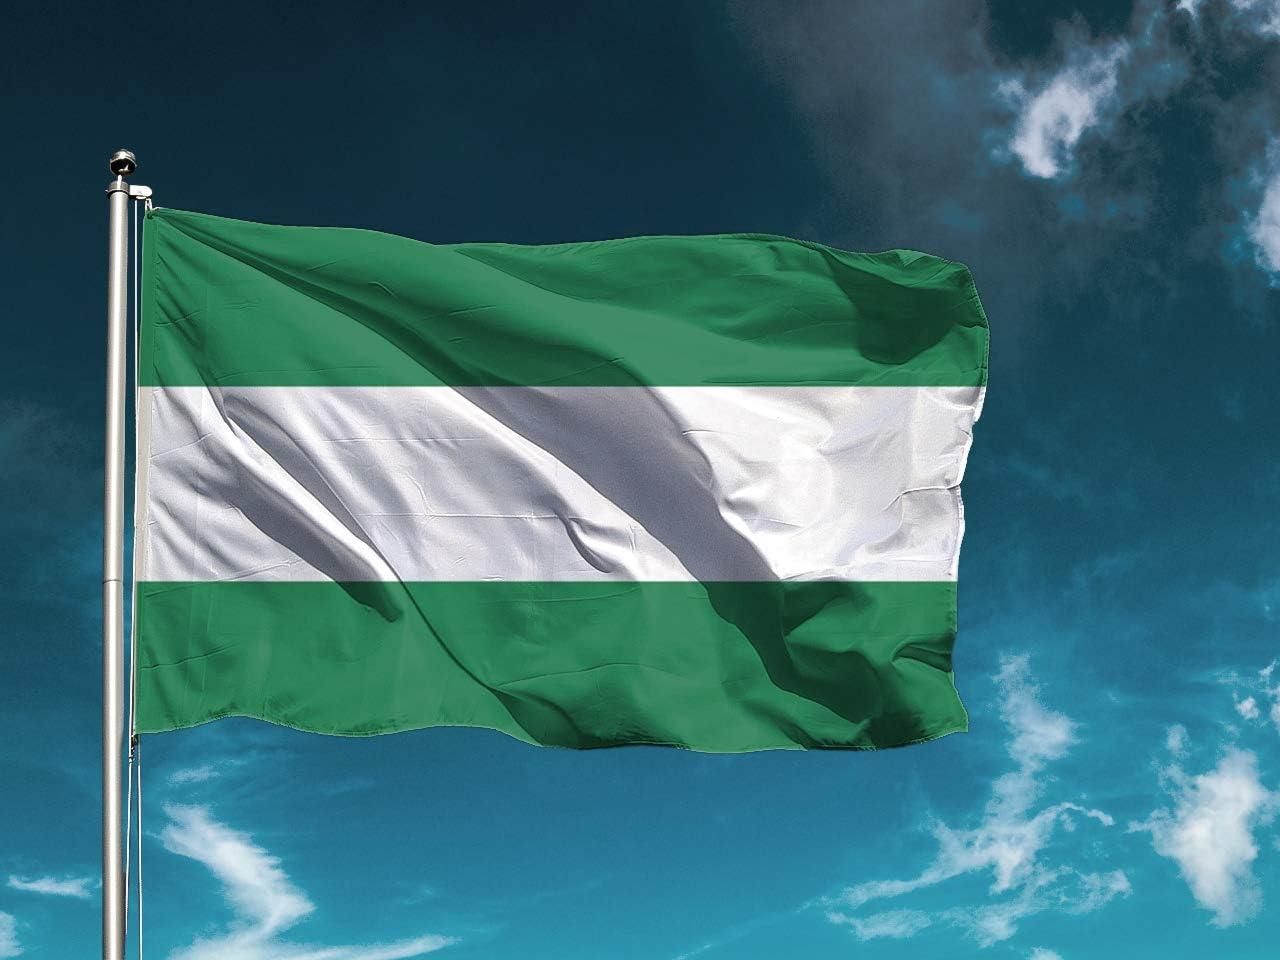 G | Bandera Andalucía Sin Escudo | Medidas 100cm x 70cm | Fácil colocación | Decoración Exteriores (1 Unidad): Amazon.es: Hogar